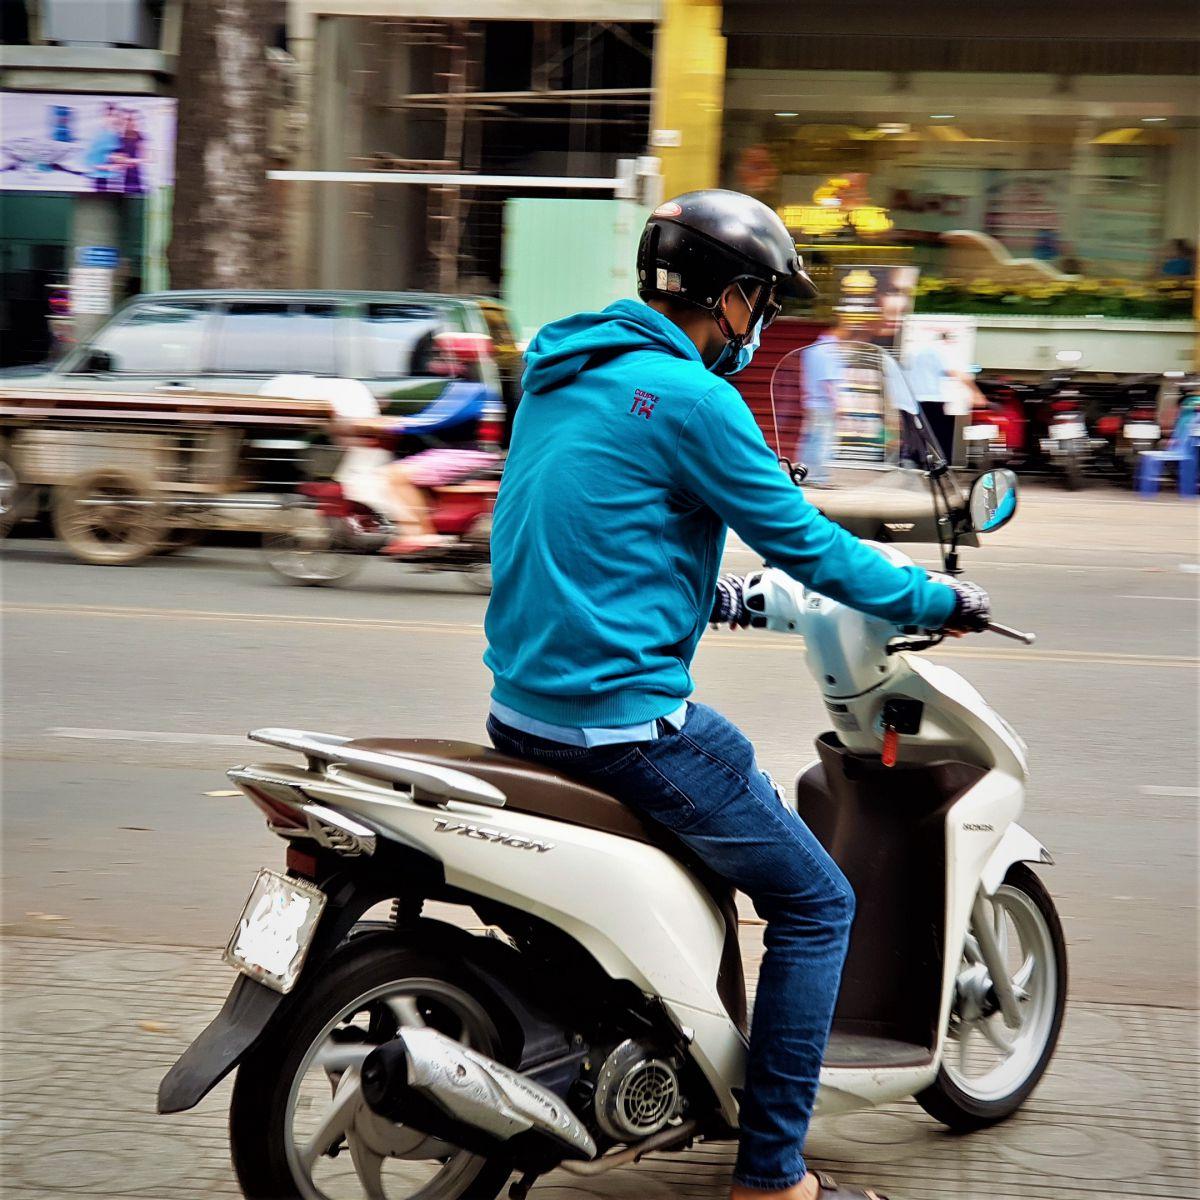 Kinh-chan-gio-xe-may-Vision-thuong-hieu-Thanh-Trung-5b